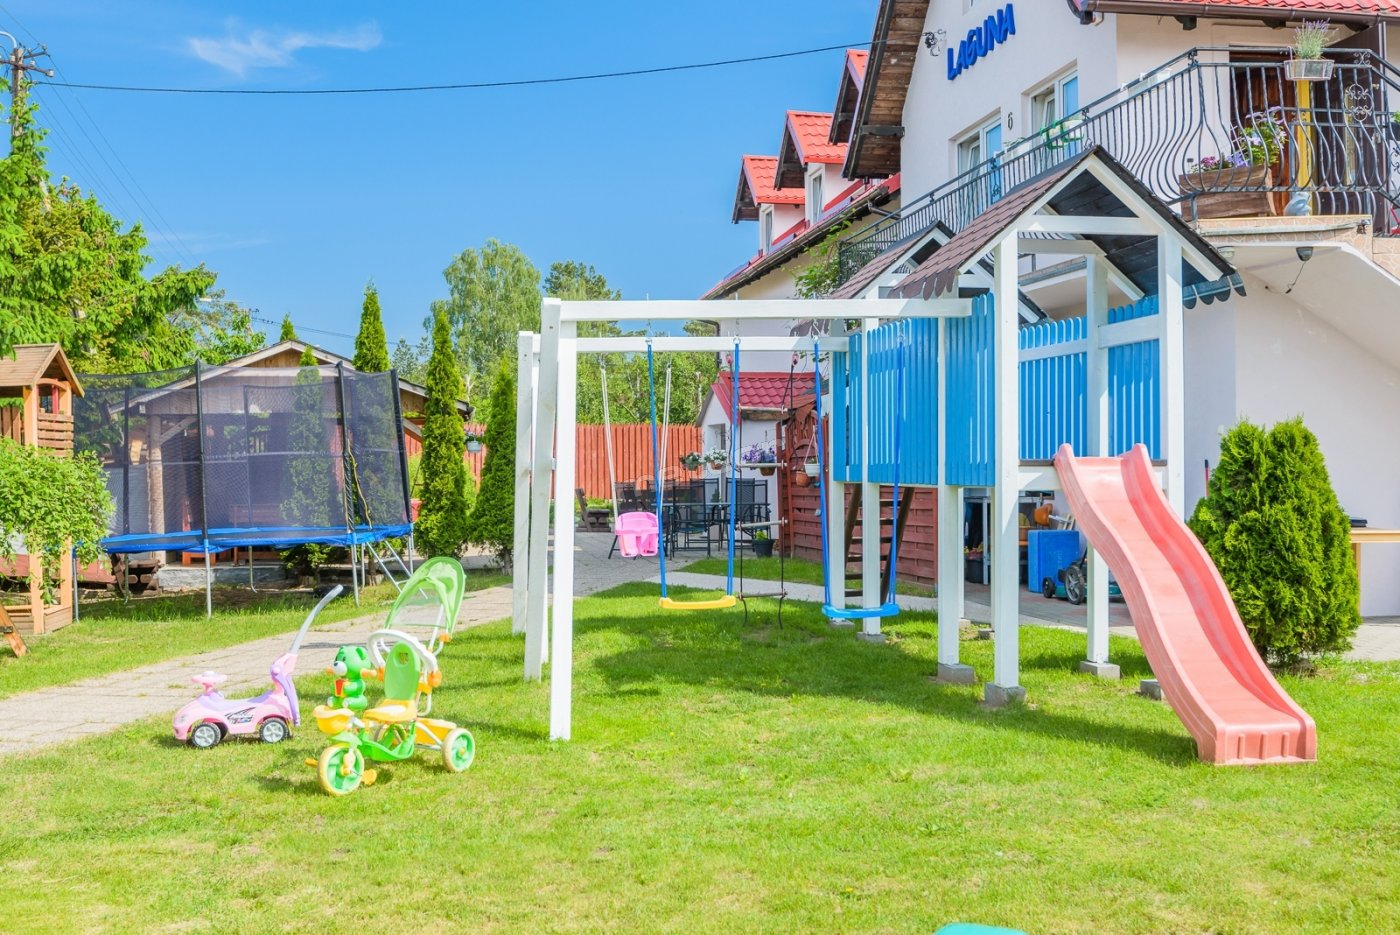 Plac zabaw ,trampolina ,basen ,zabawki dla dzieci .Zapraszamy